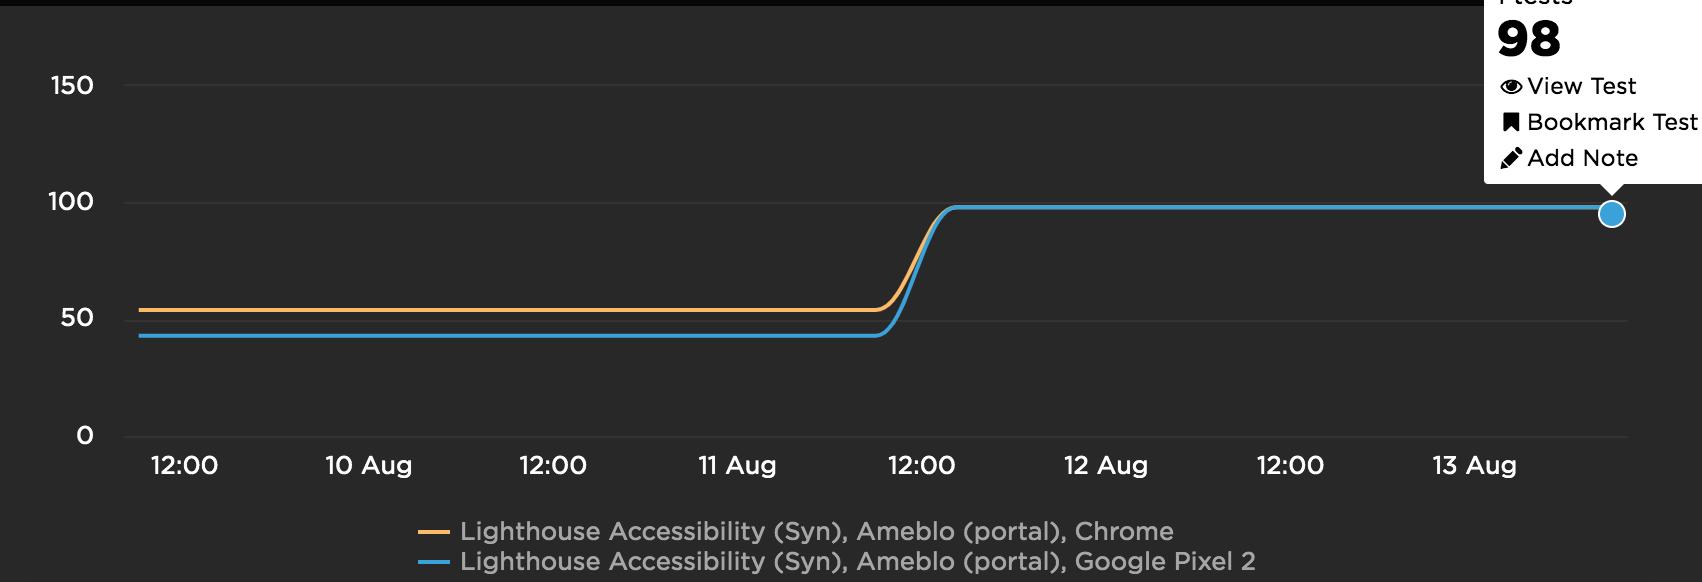 刷新前後でLighthouseのアクセシビリティスコアが48から98に向上したことを示すグラフの画像